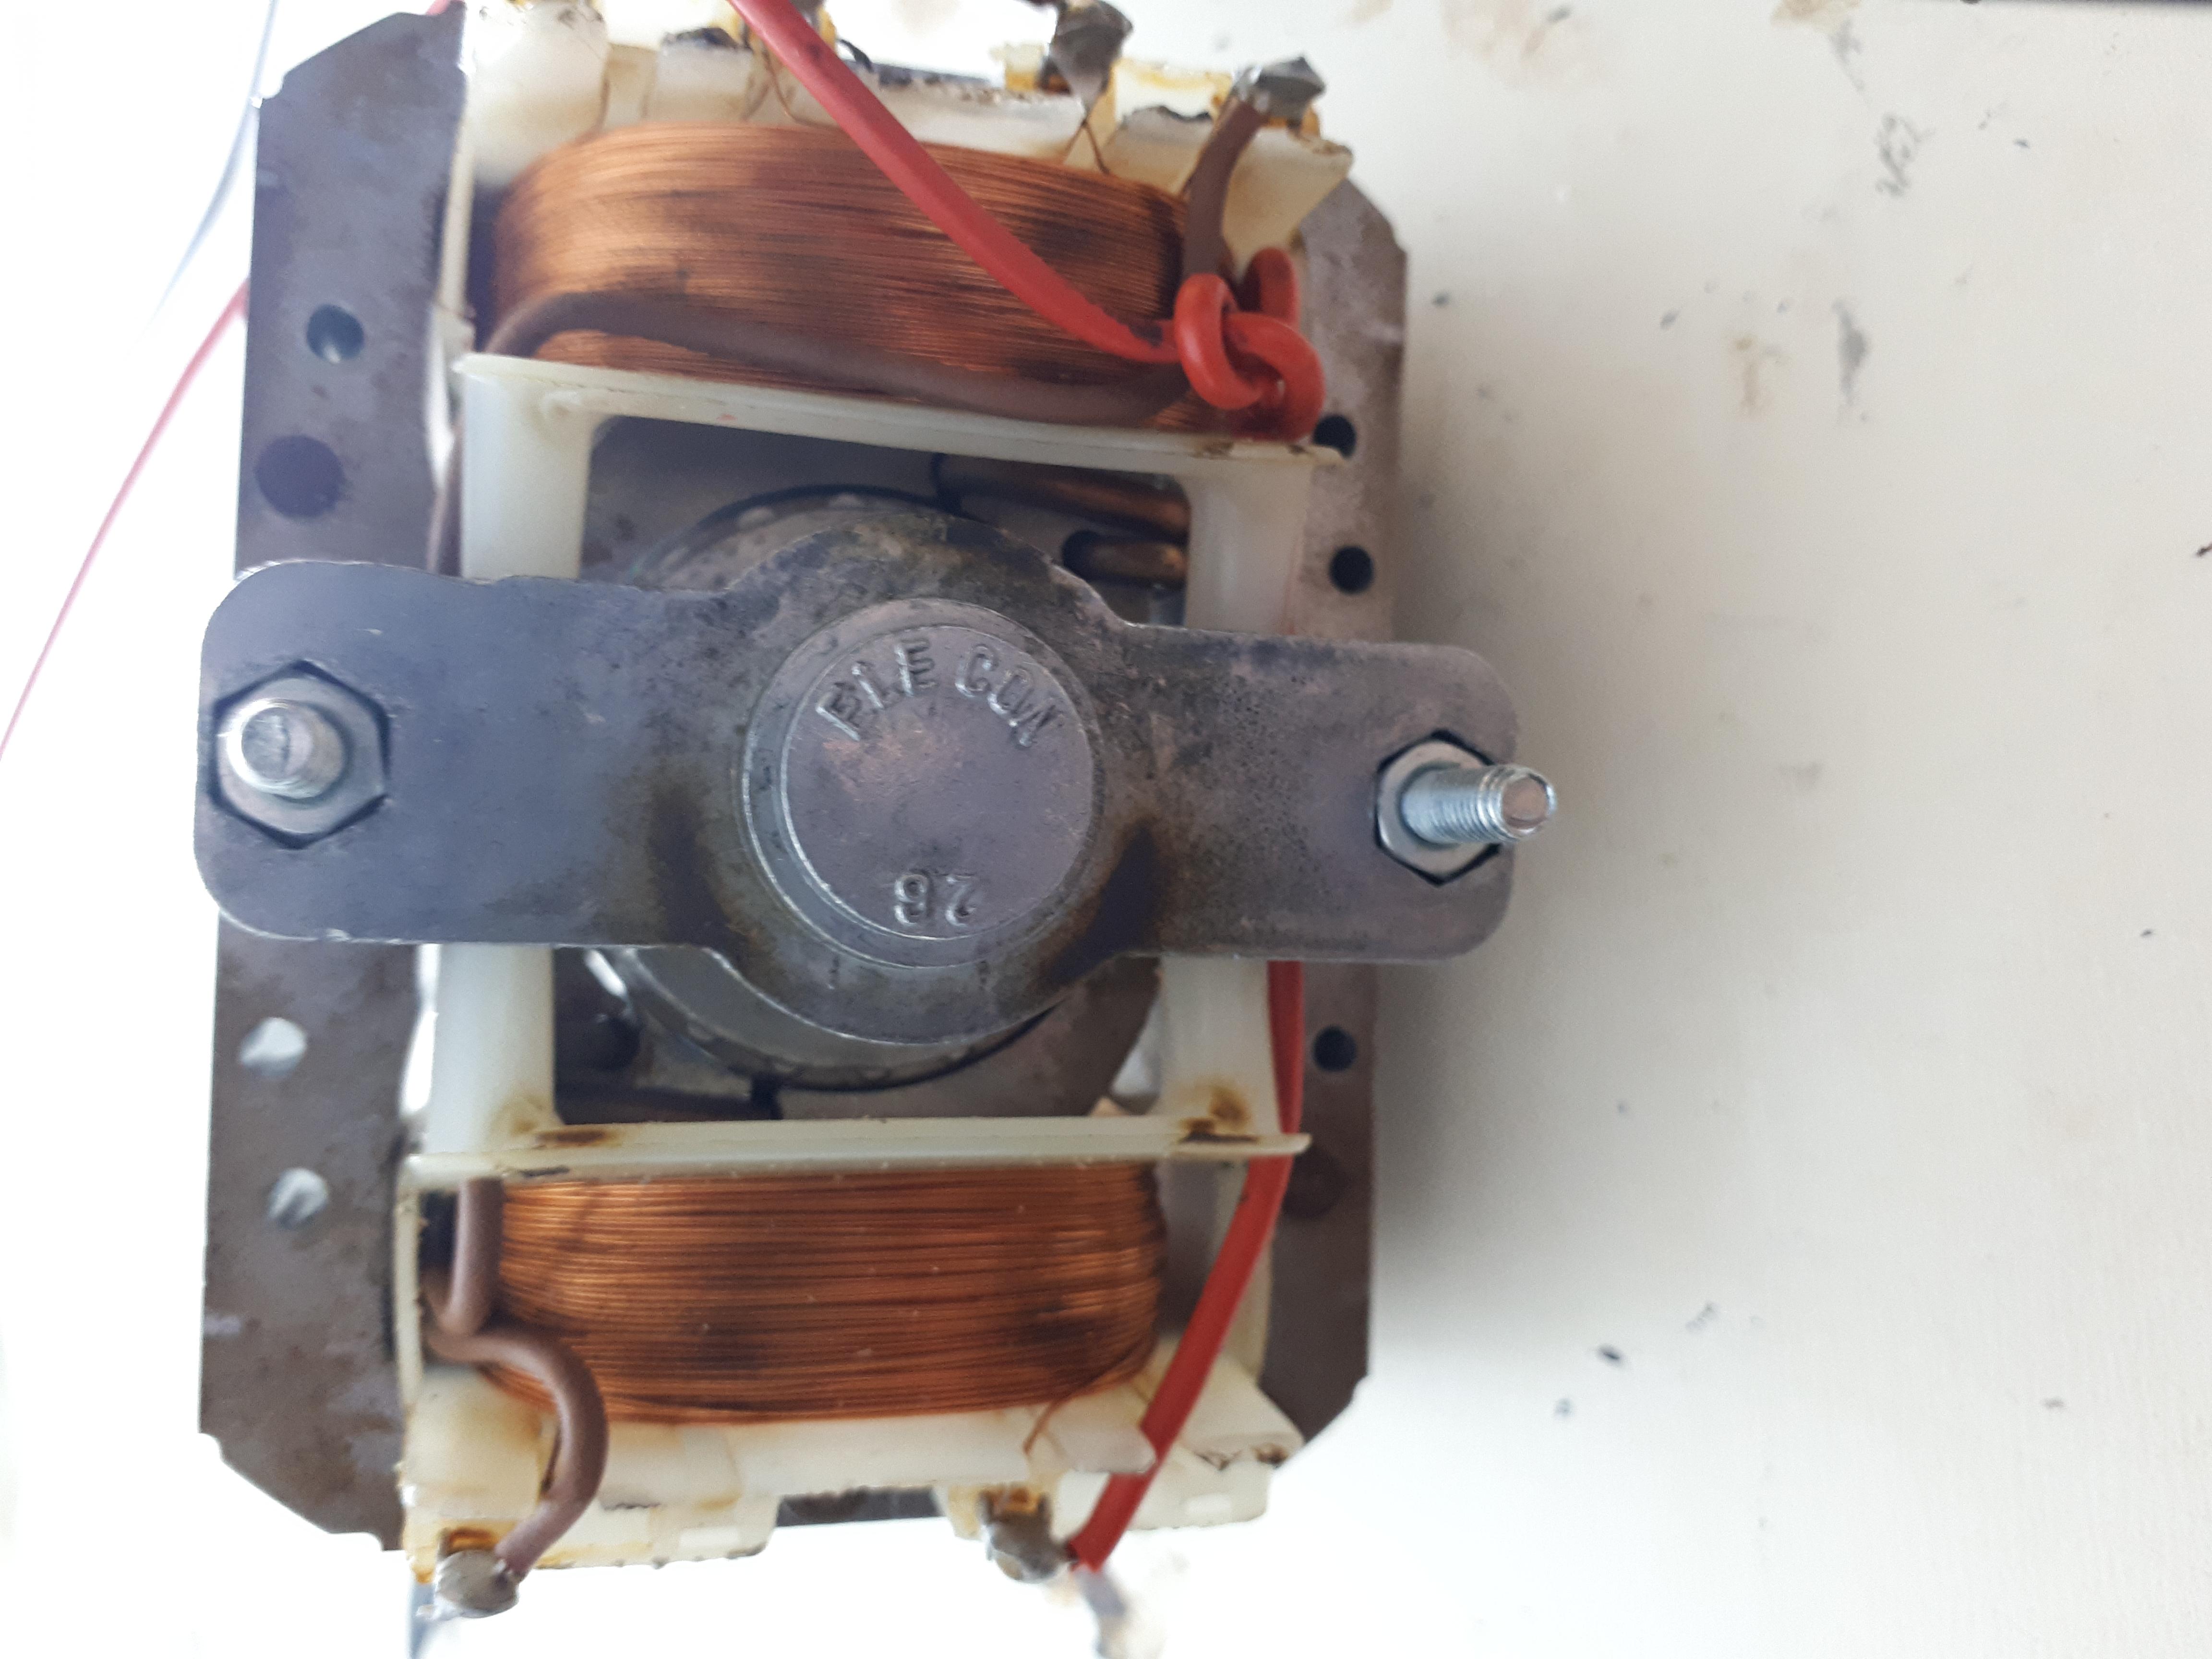 Motor aus einer dunstabzugshaube anschließen technik